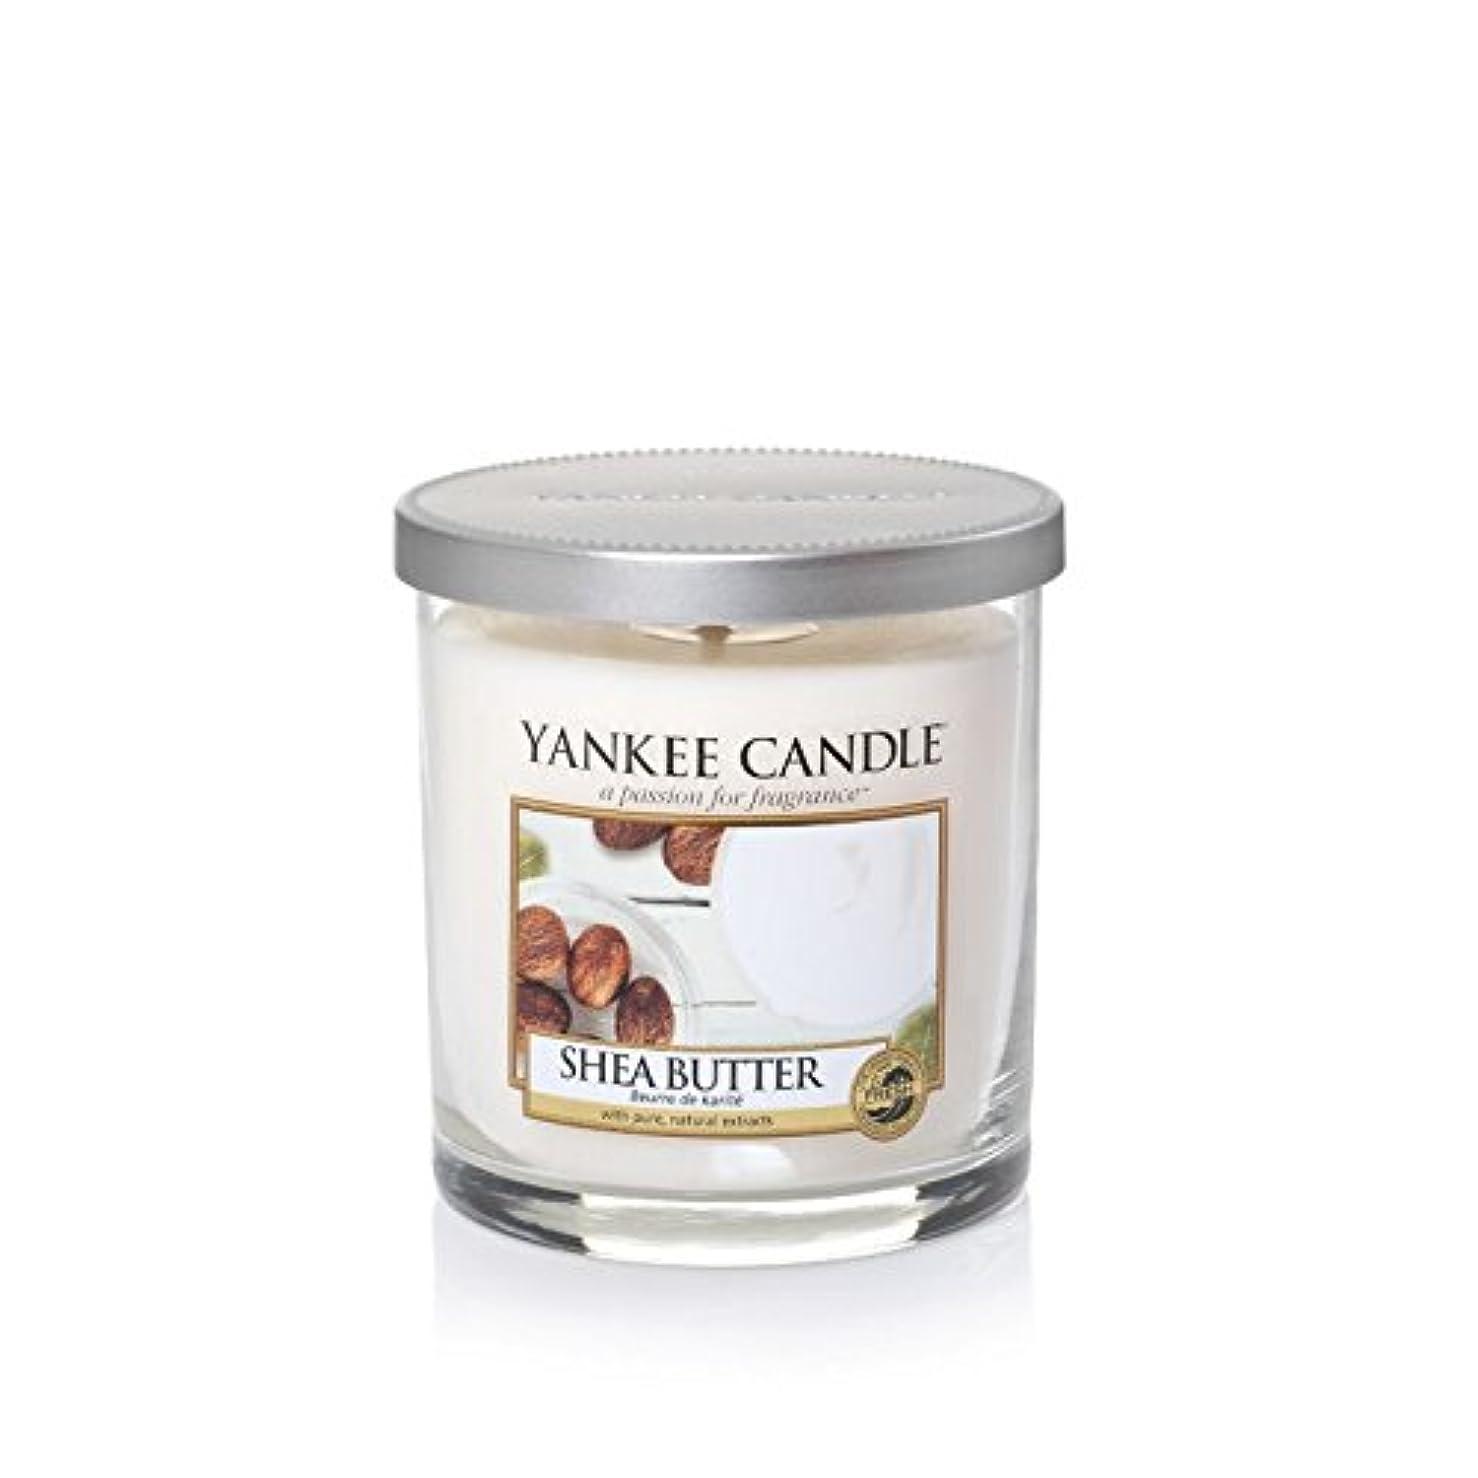 酸素ささやき葉を拾うヤンキーキャンドルの小さな柱キャンドル - シアバター - Yankee Candles Small Pillar Candle - Shea Butter (Yankee Candles) [並行輸入品]